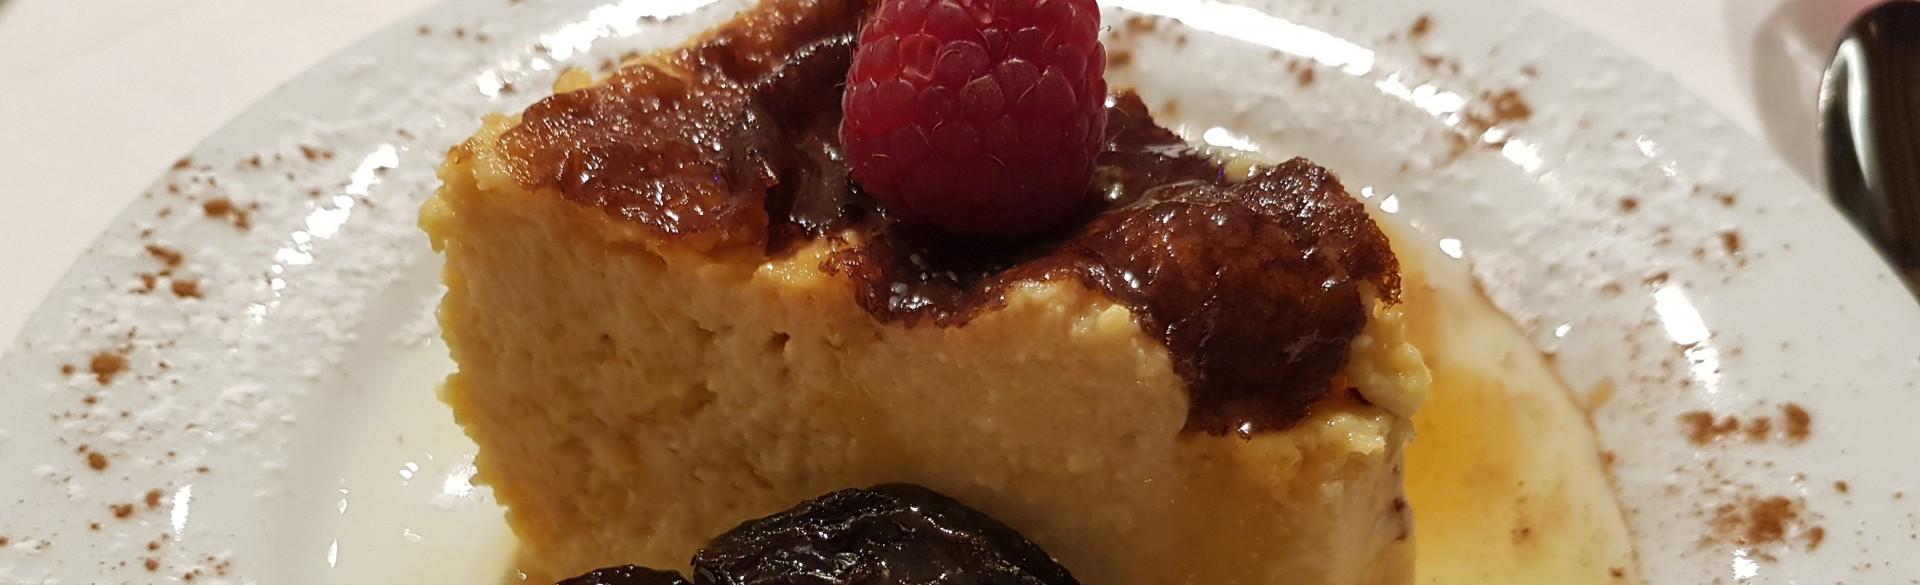 Tigelada com ameixa confitada e mel de castanheiro